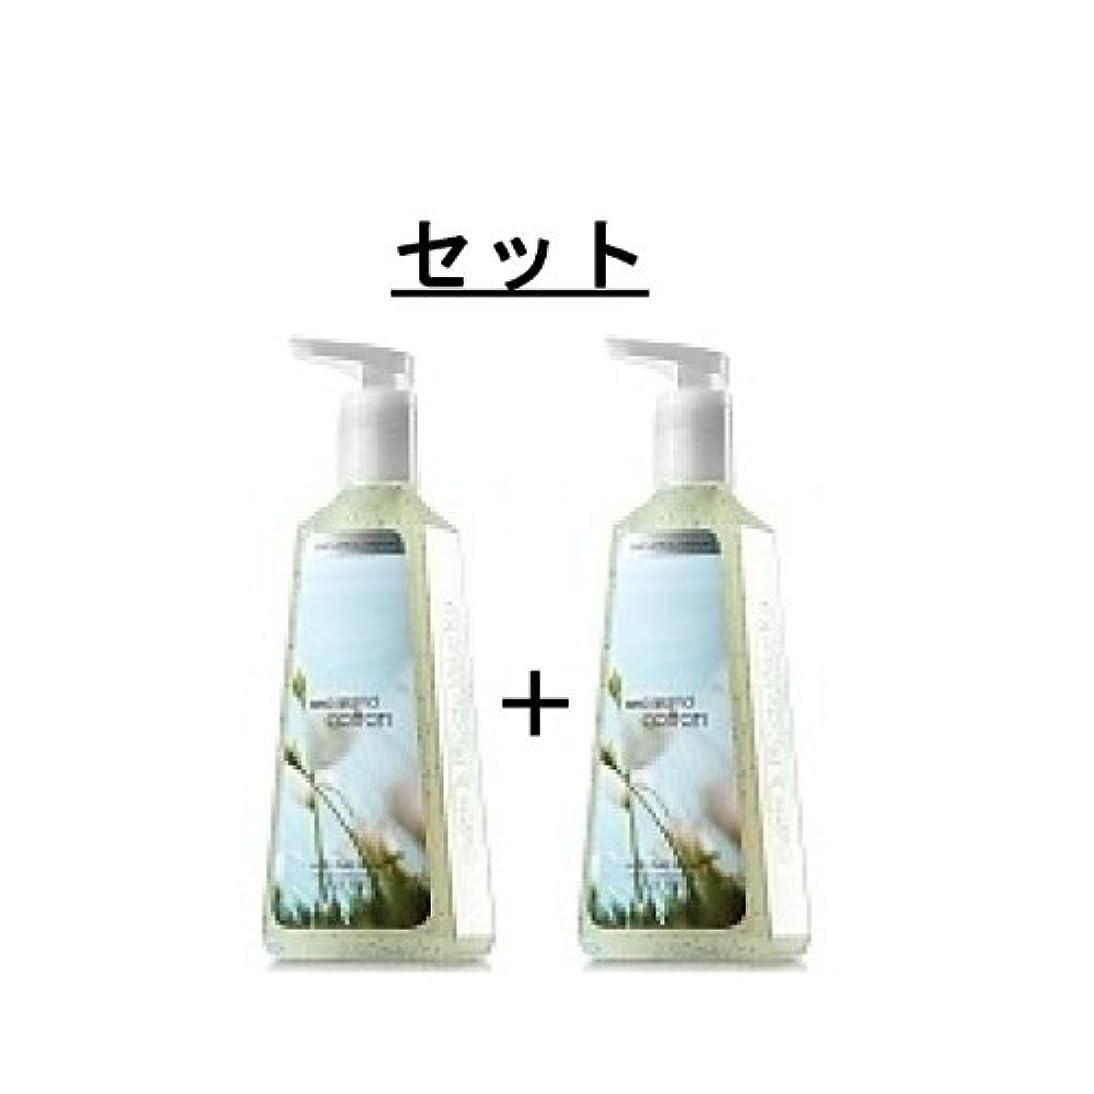 意志論理的に月面Bath & Body Works Sea Island Cotton Antibacterial Deep Cleansing Hand Soap Set of 2 シーアイランドコットン【並行輸入品】